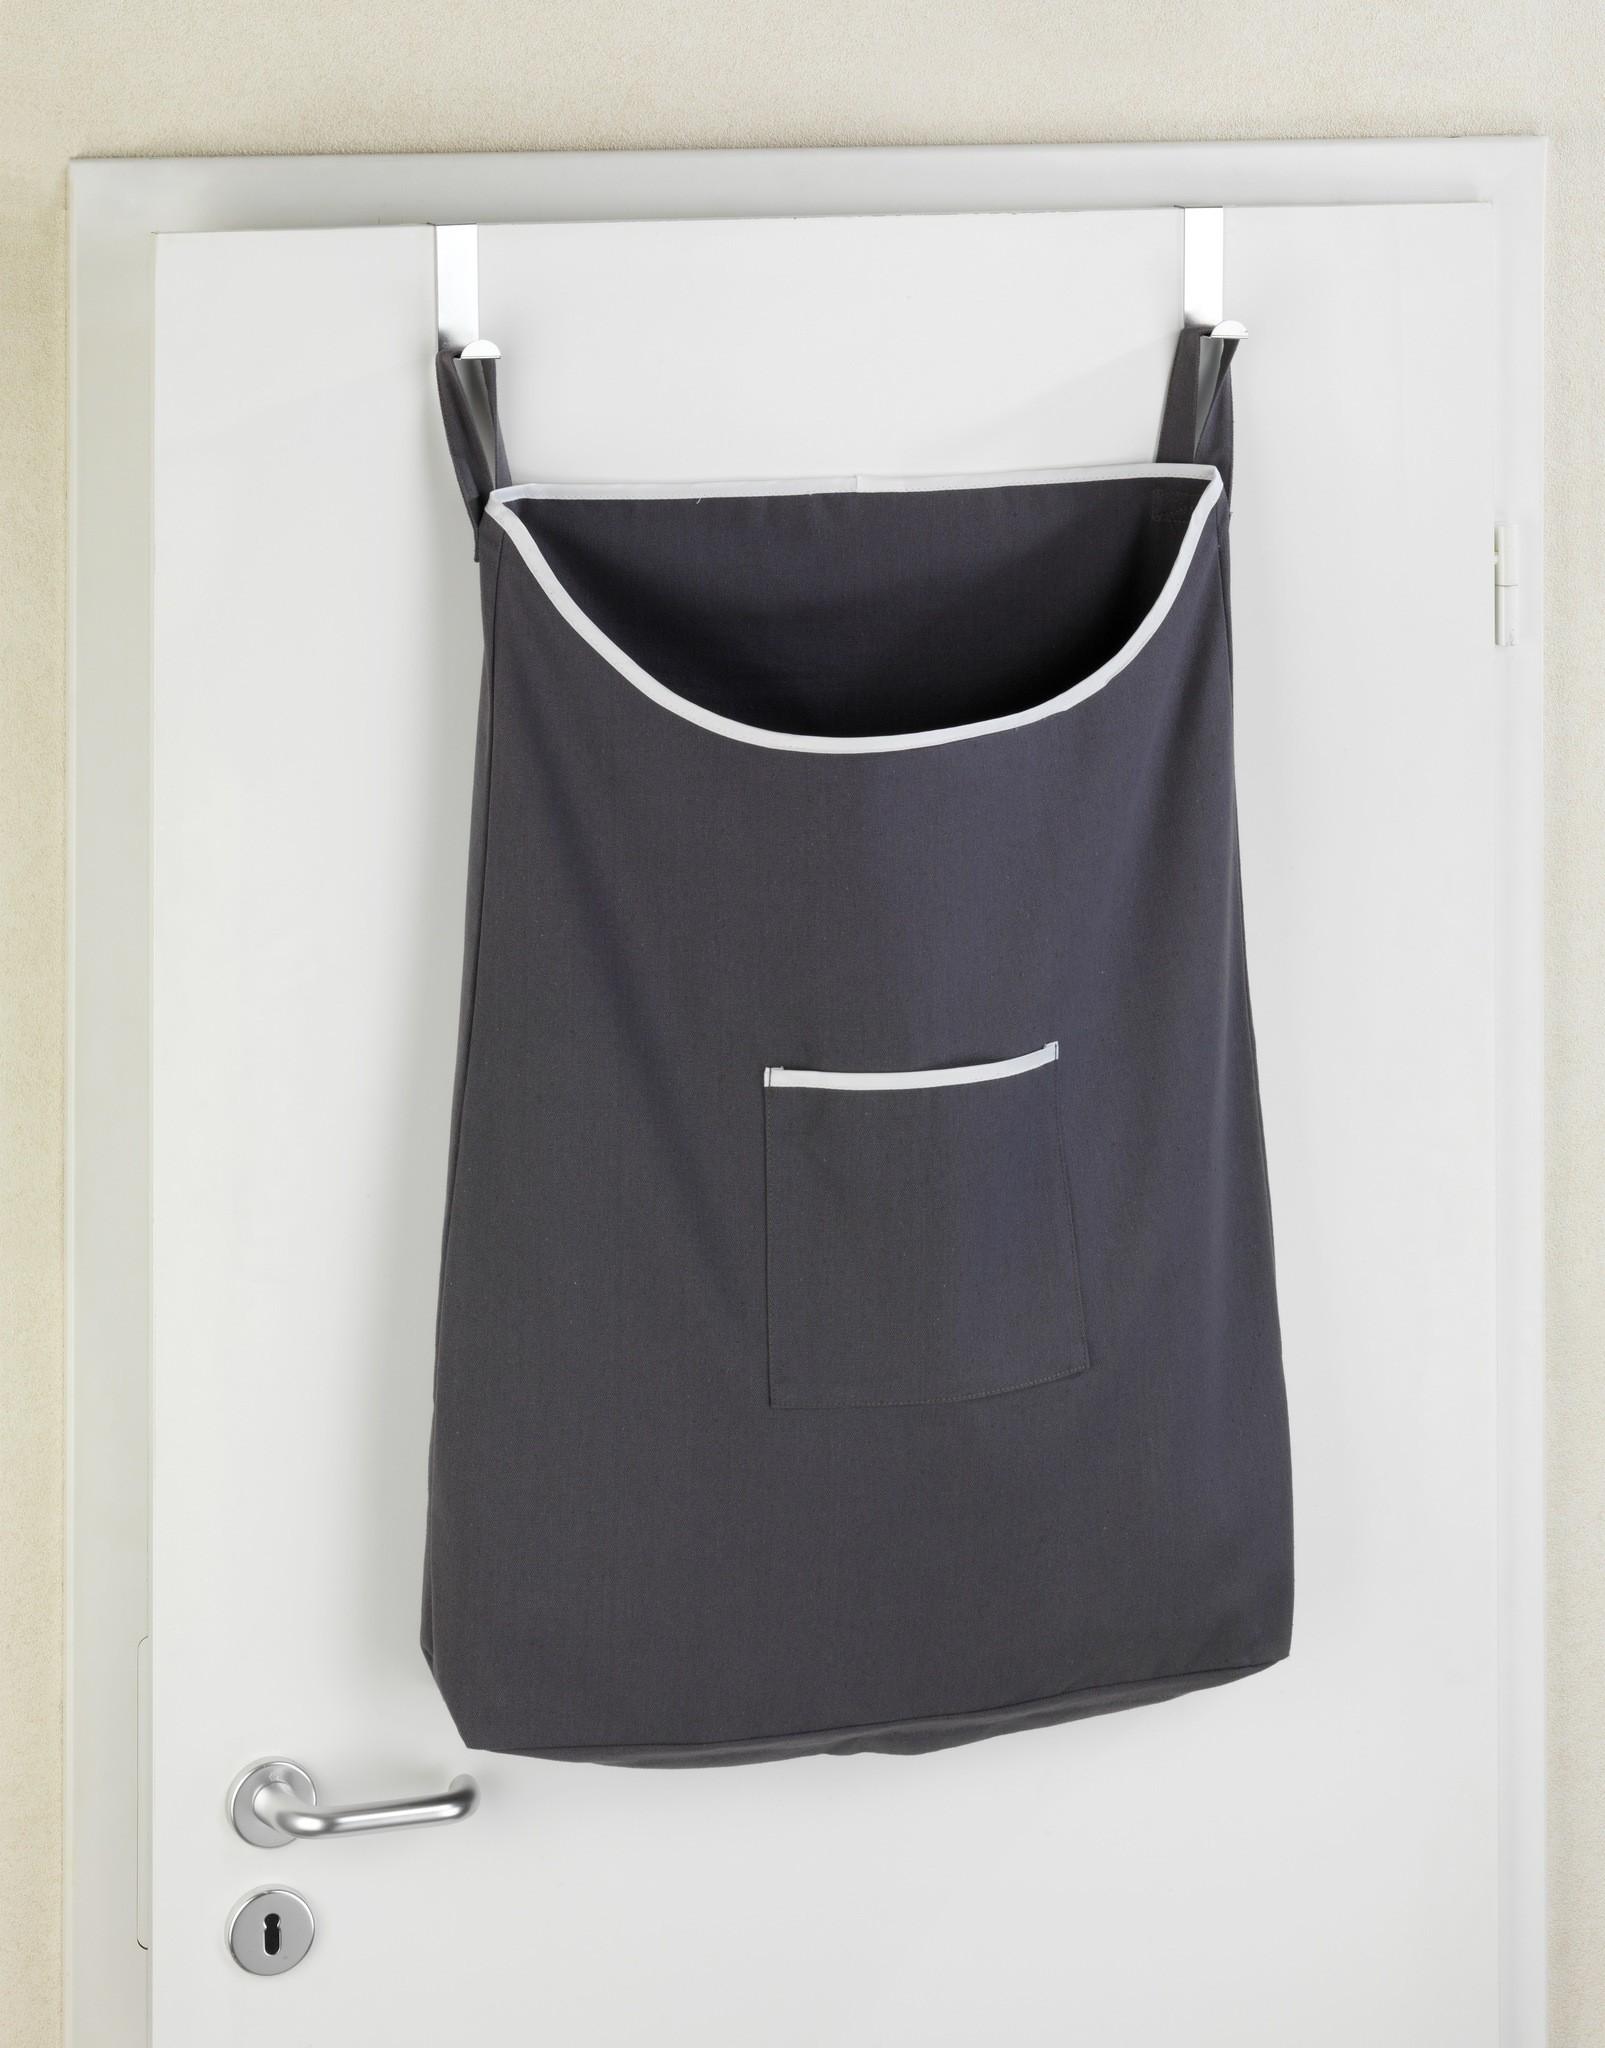 Über-Tür Wäschesammler Canguro Grau, 65 l